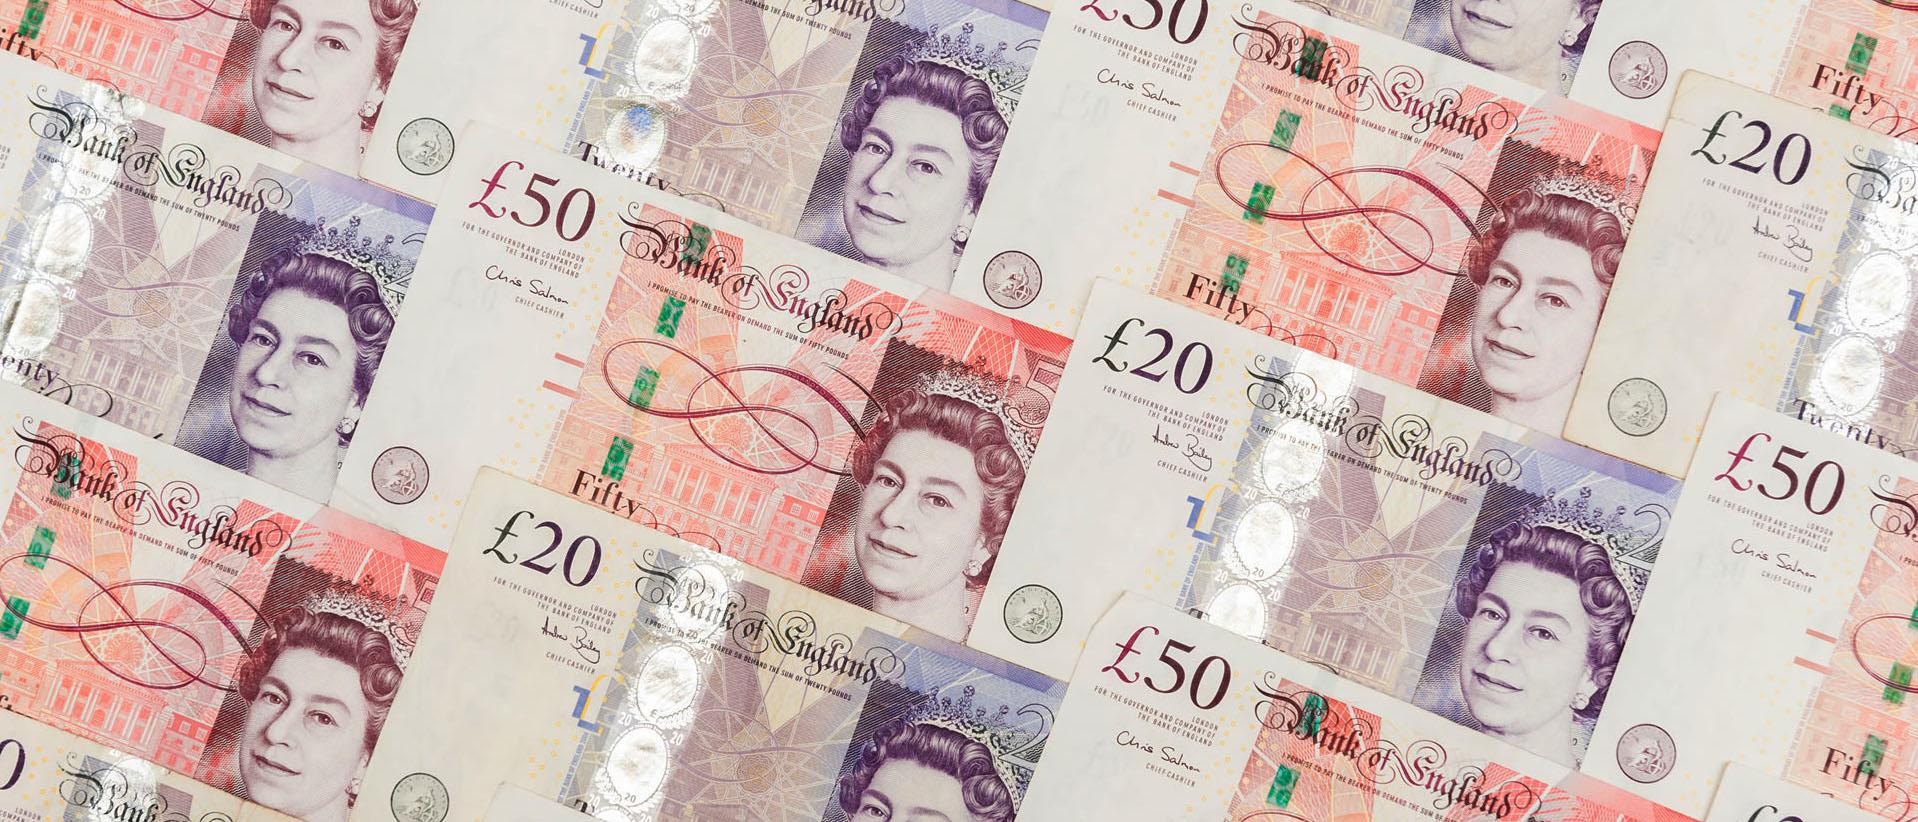 La salida británica de la UE dañaría la libra, no el euro, según director de MEDE